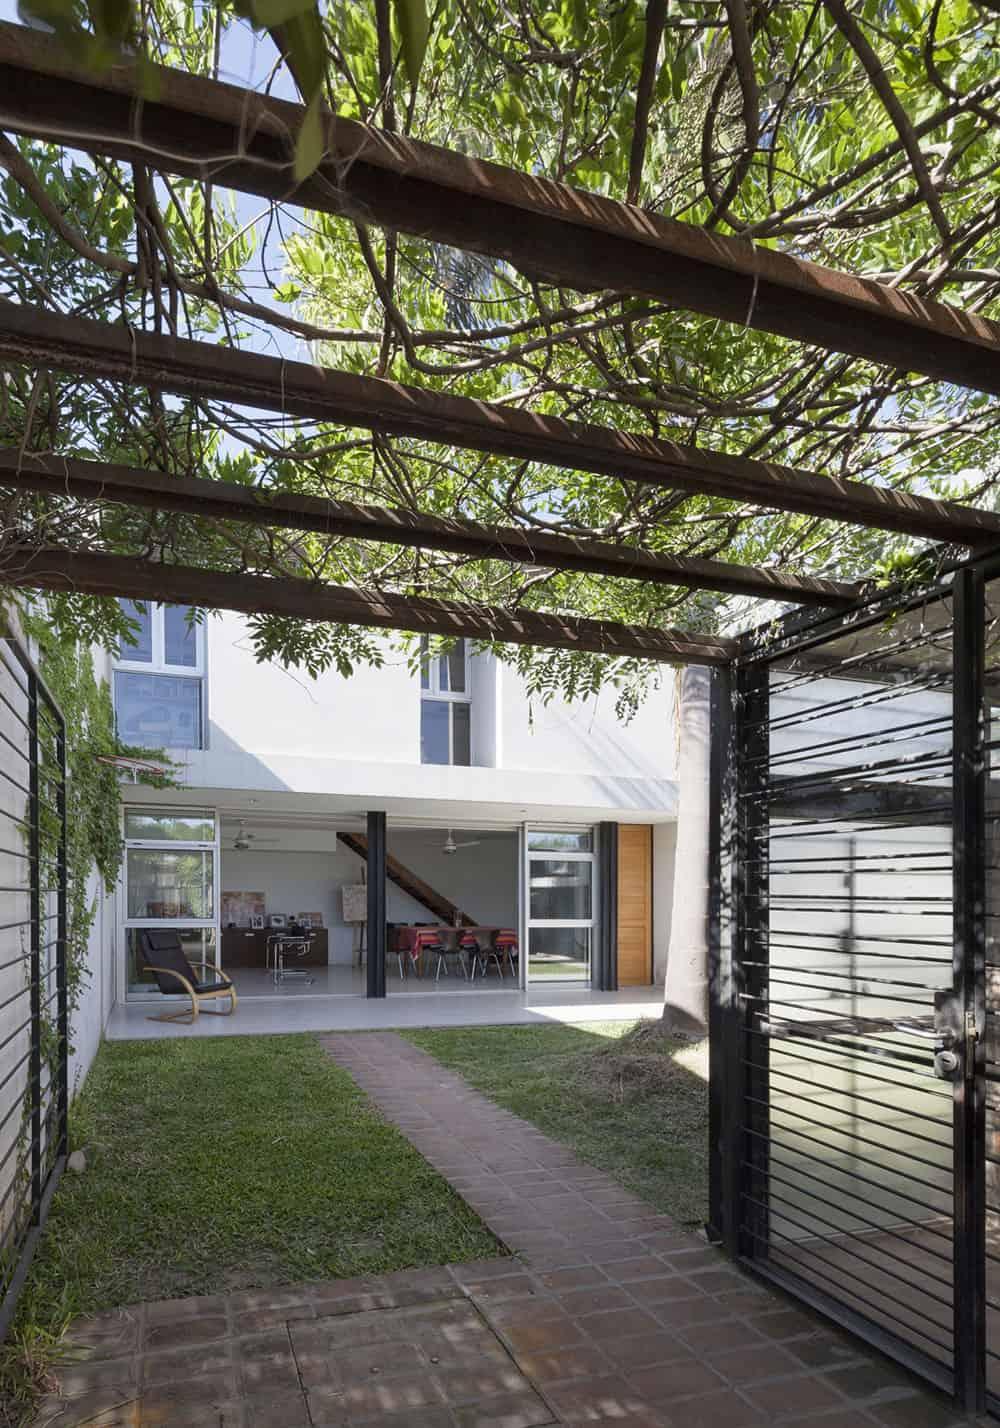 Casa Interior by Rosana Sdrigotti & Julio Cavallo (3)